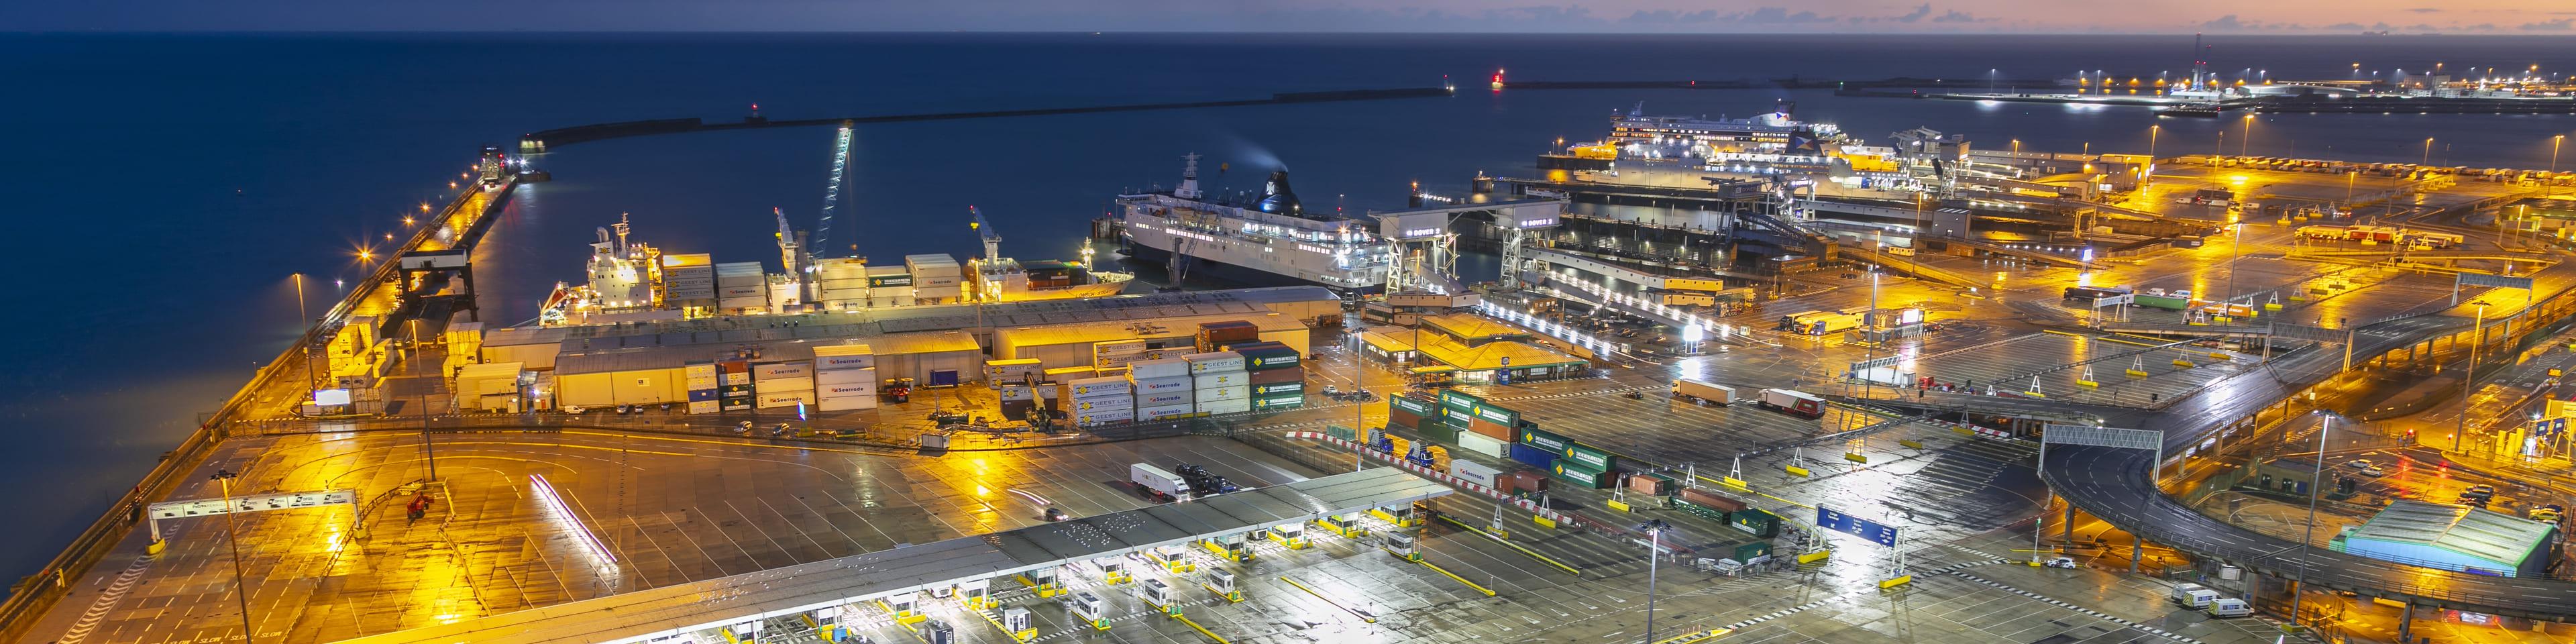 Haven bij nacht met grensposten douane